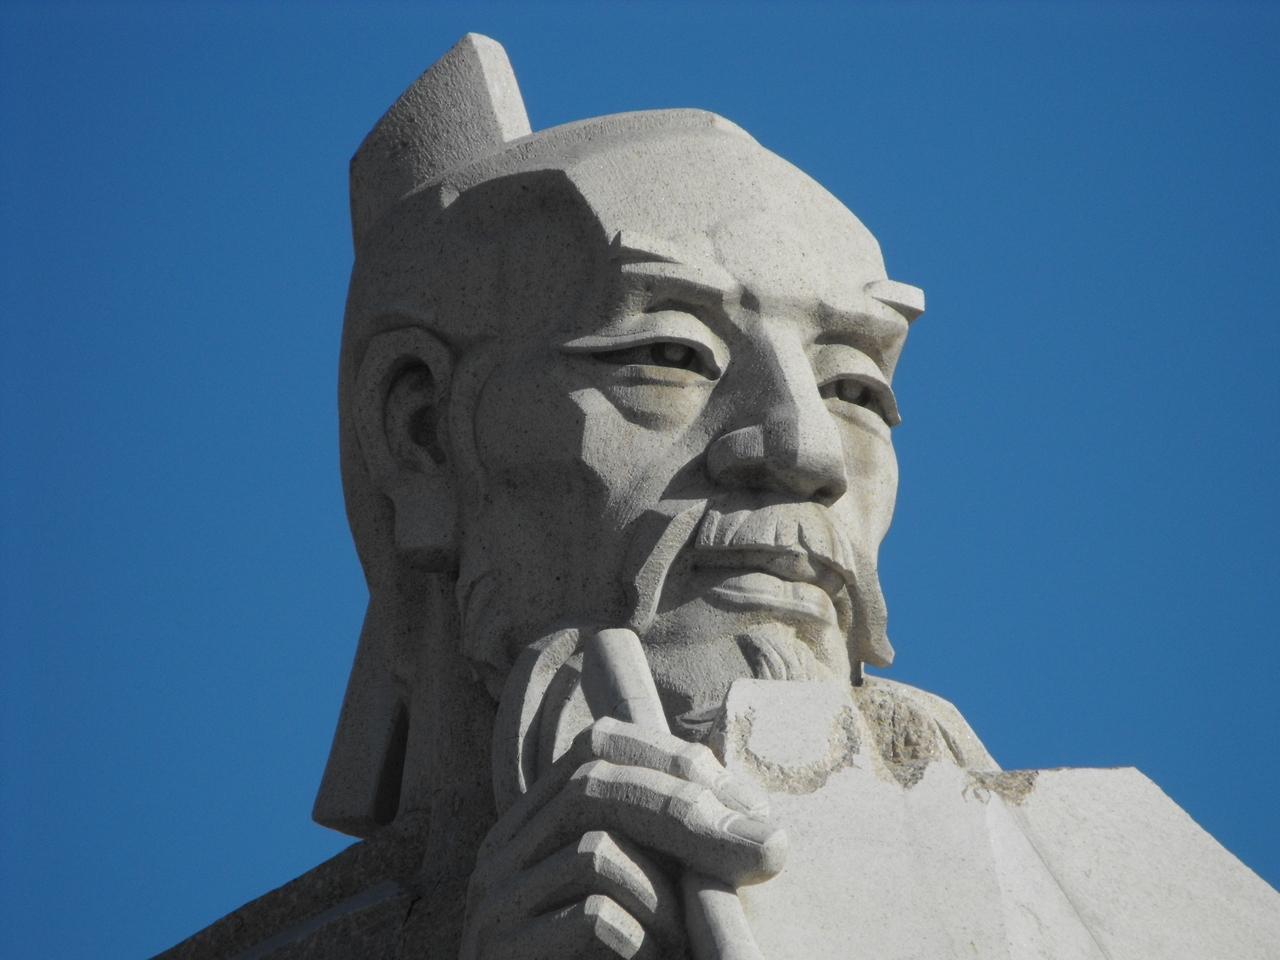 刘禹锡:在蛮荒地播撒文明